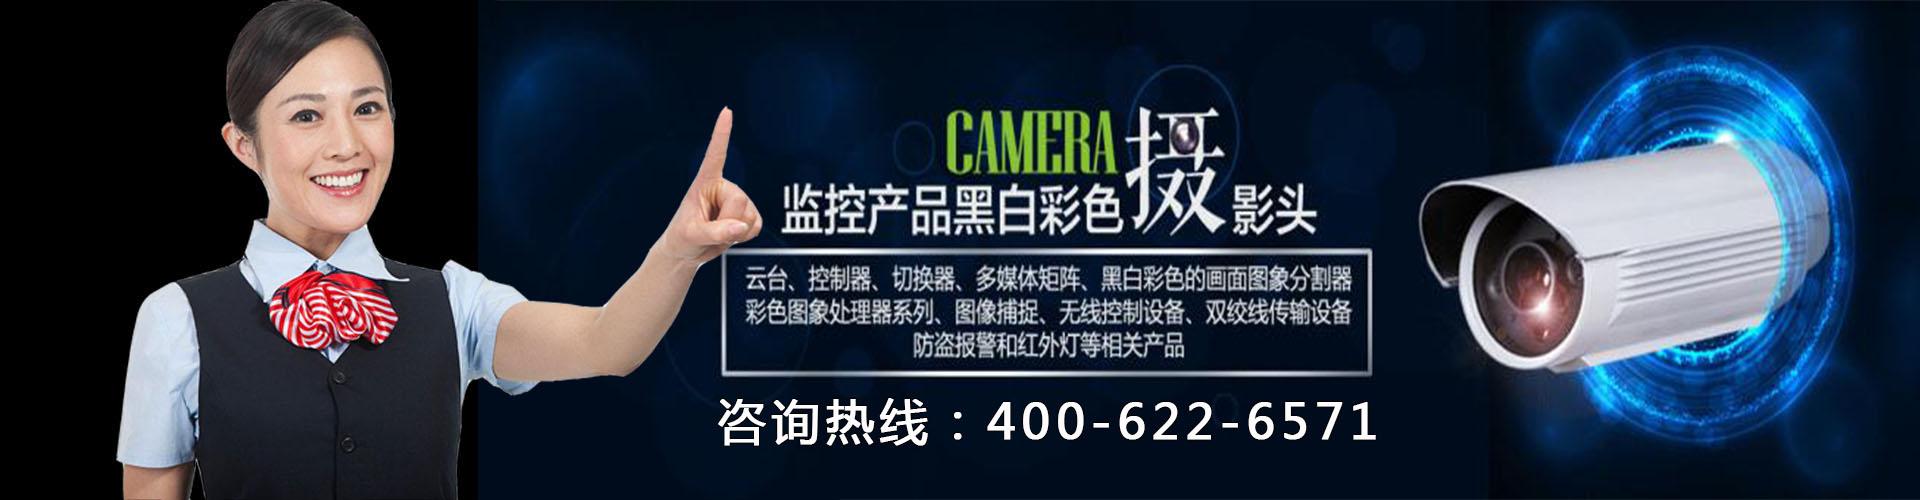 重庆监控设备公司电话